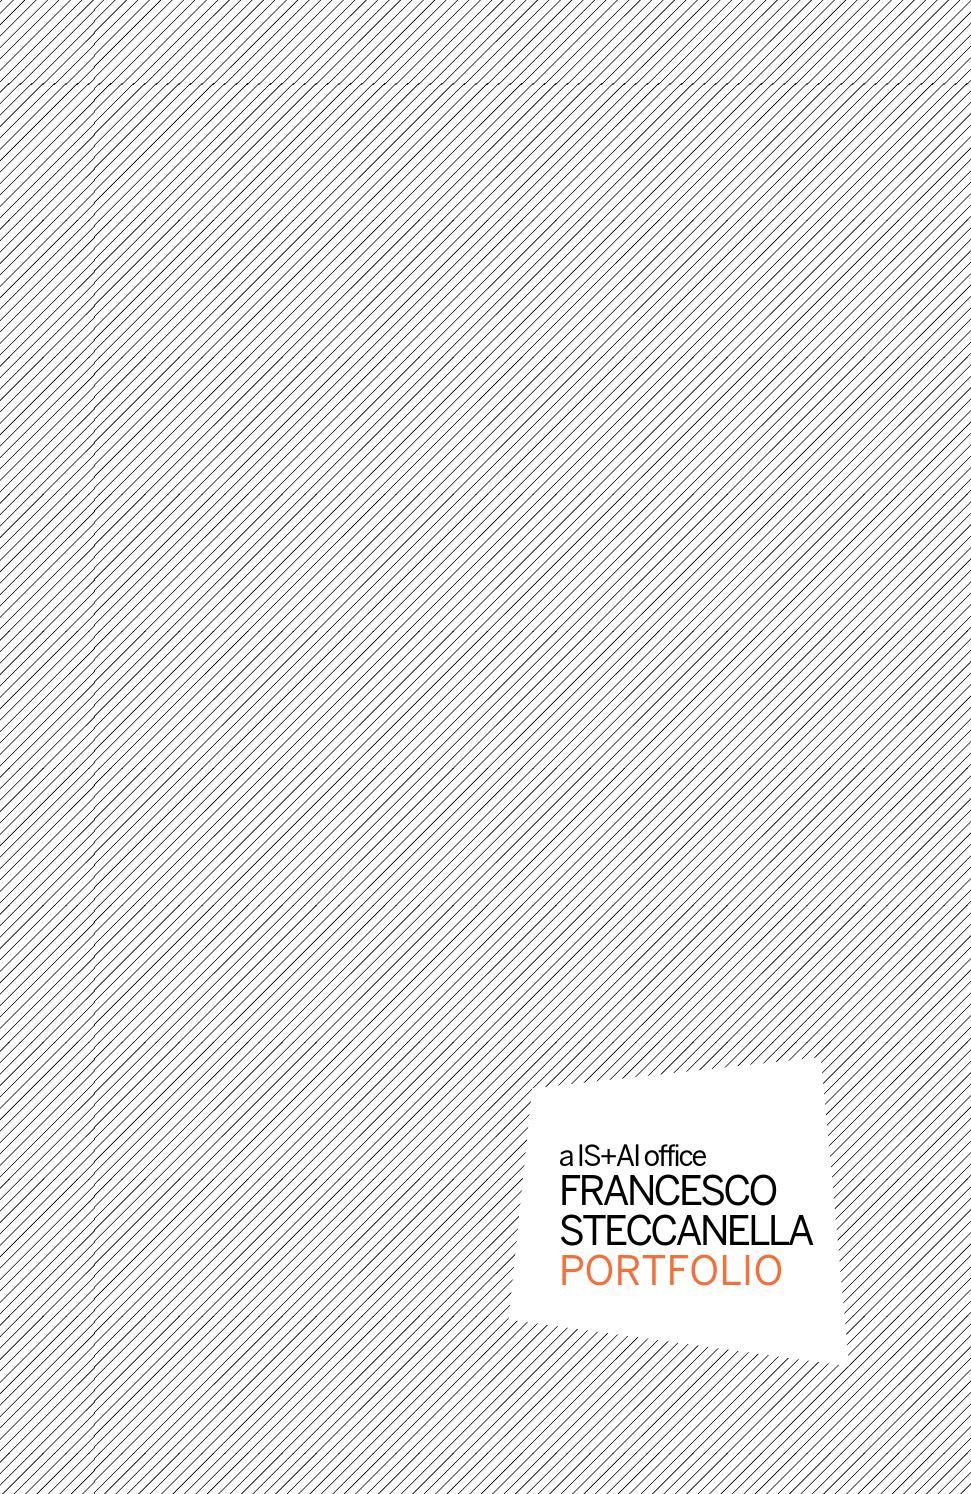 Piatto Doccia Teuco Perspective.La Casa Di Fronte Piatto Doccia Perspective Meaning Dictionary